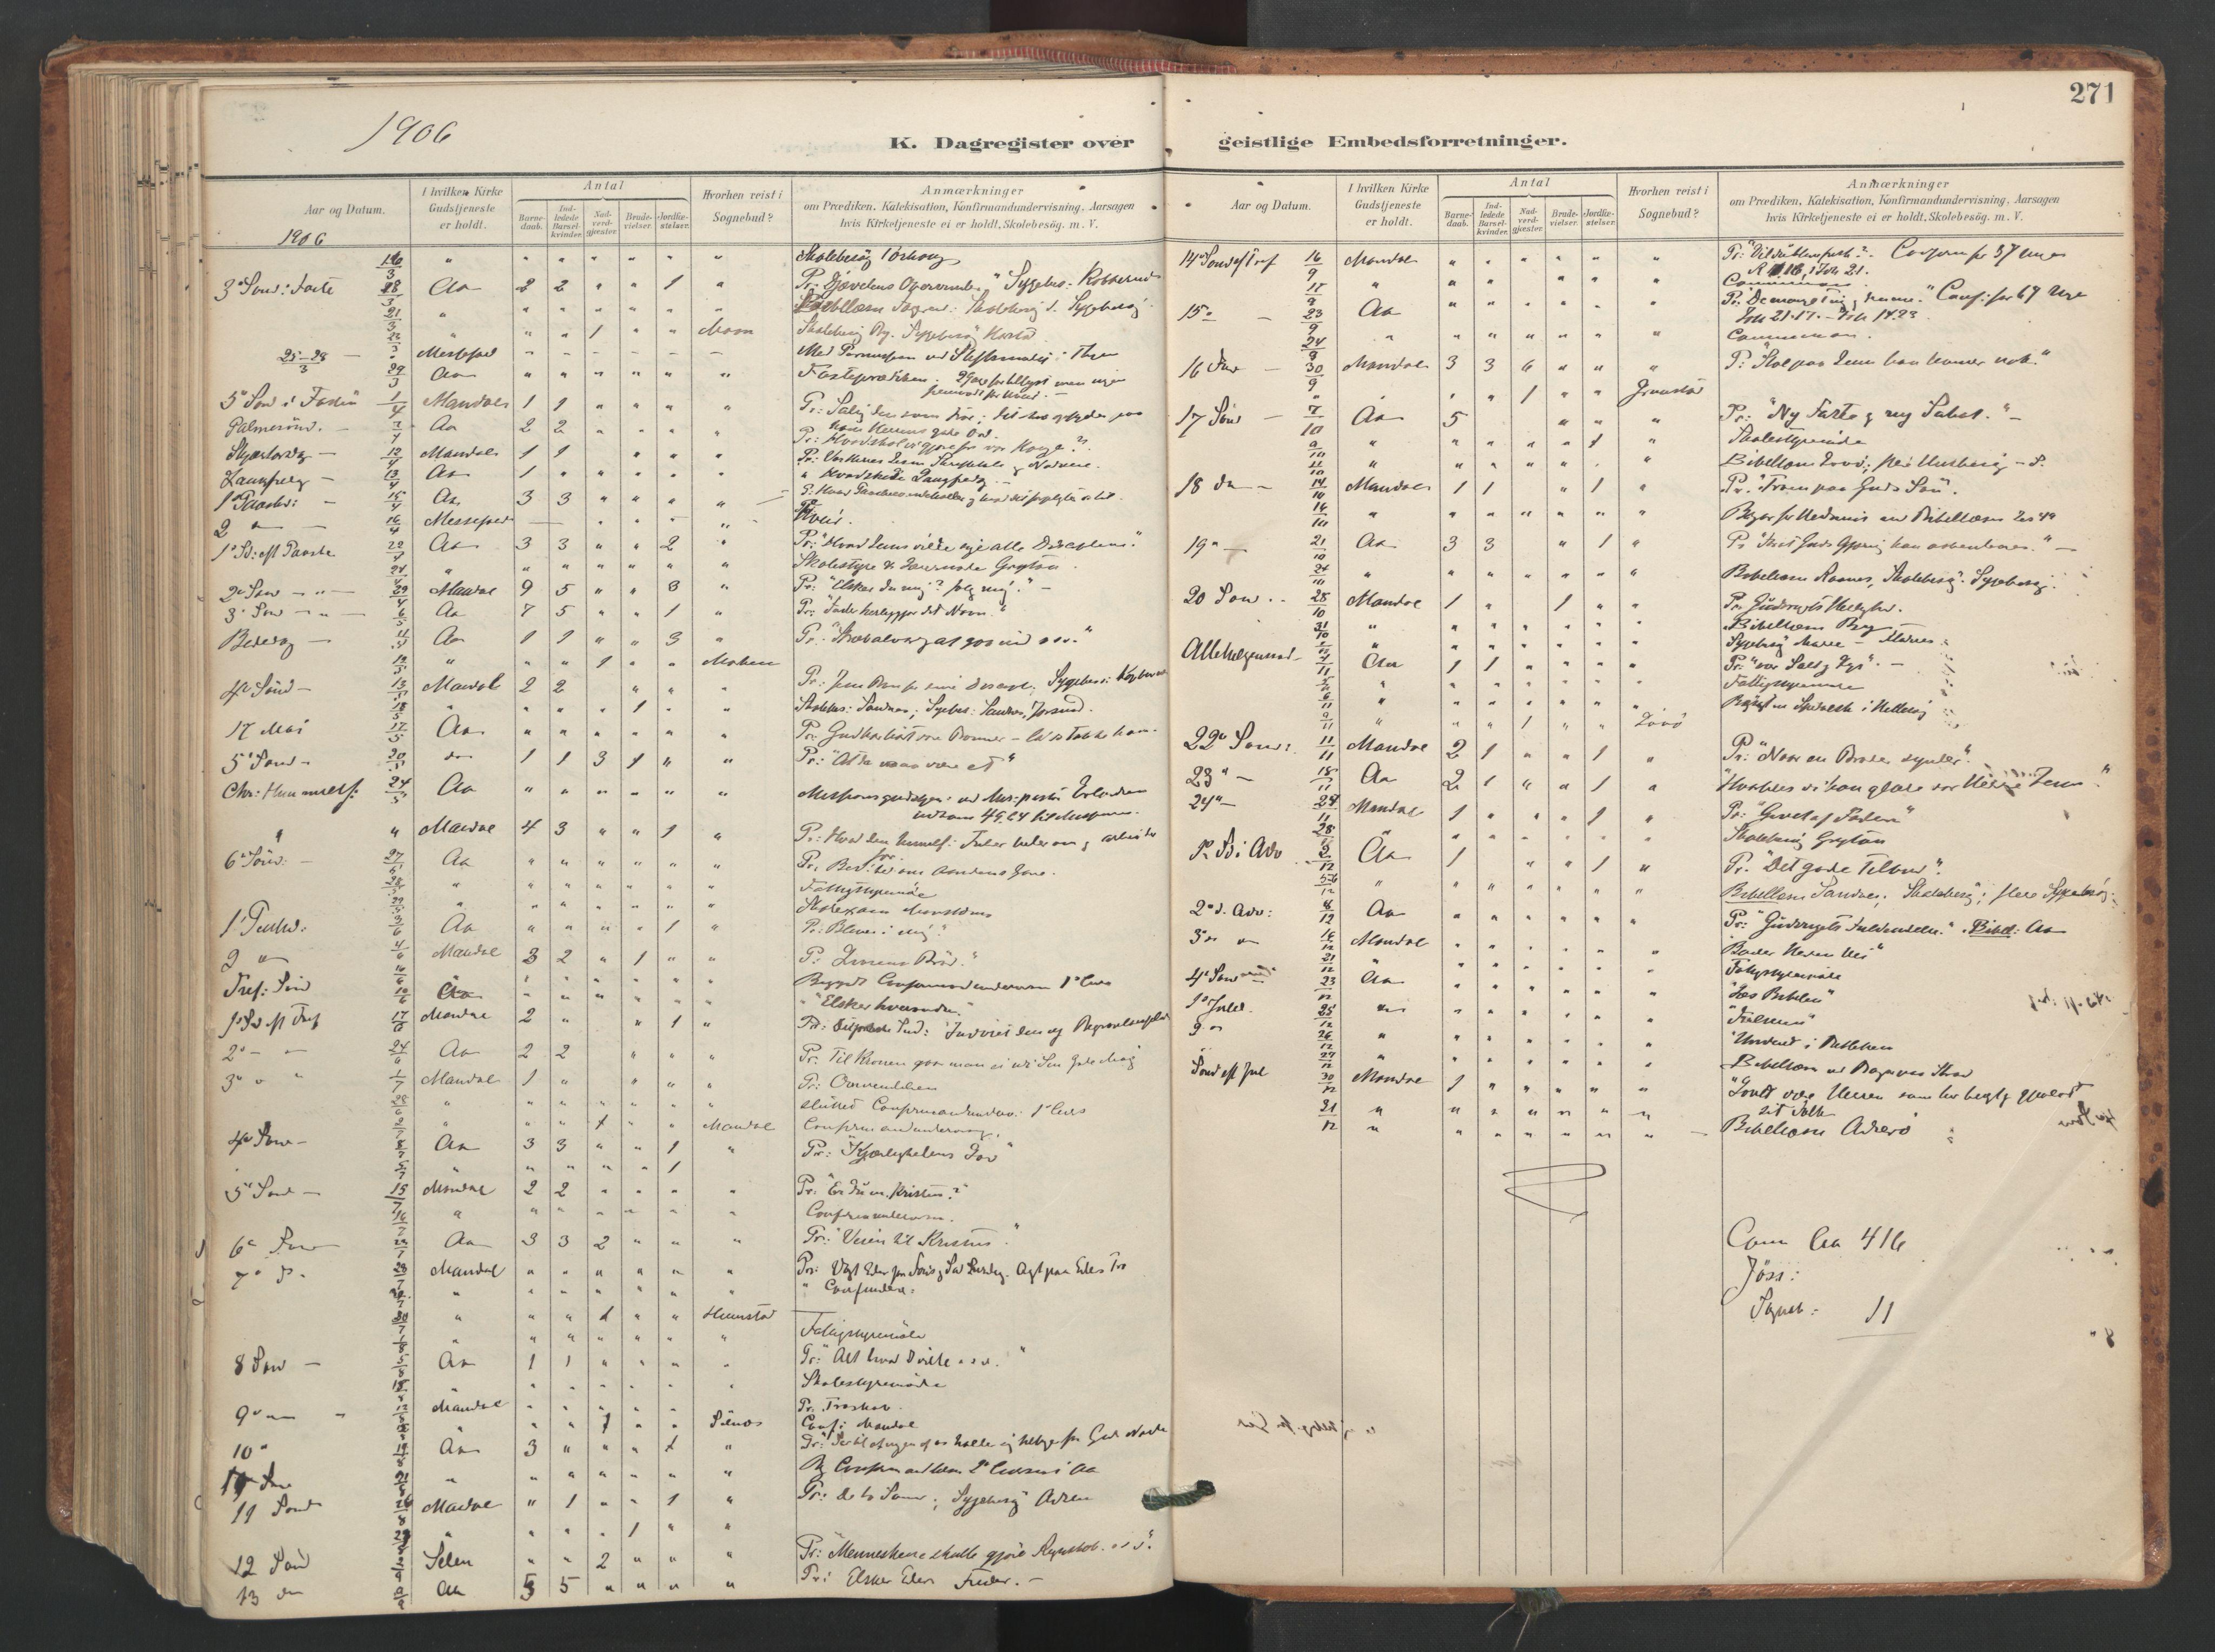 SAT, Ministerialprotokoller, klokkerbøker og fødselsregistre - Sør-Trøndelag, 655/L0681: Ministerialbok nr. 655A10, 1895-1907, s. 271